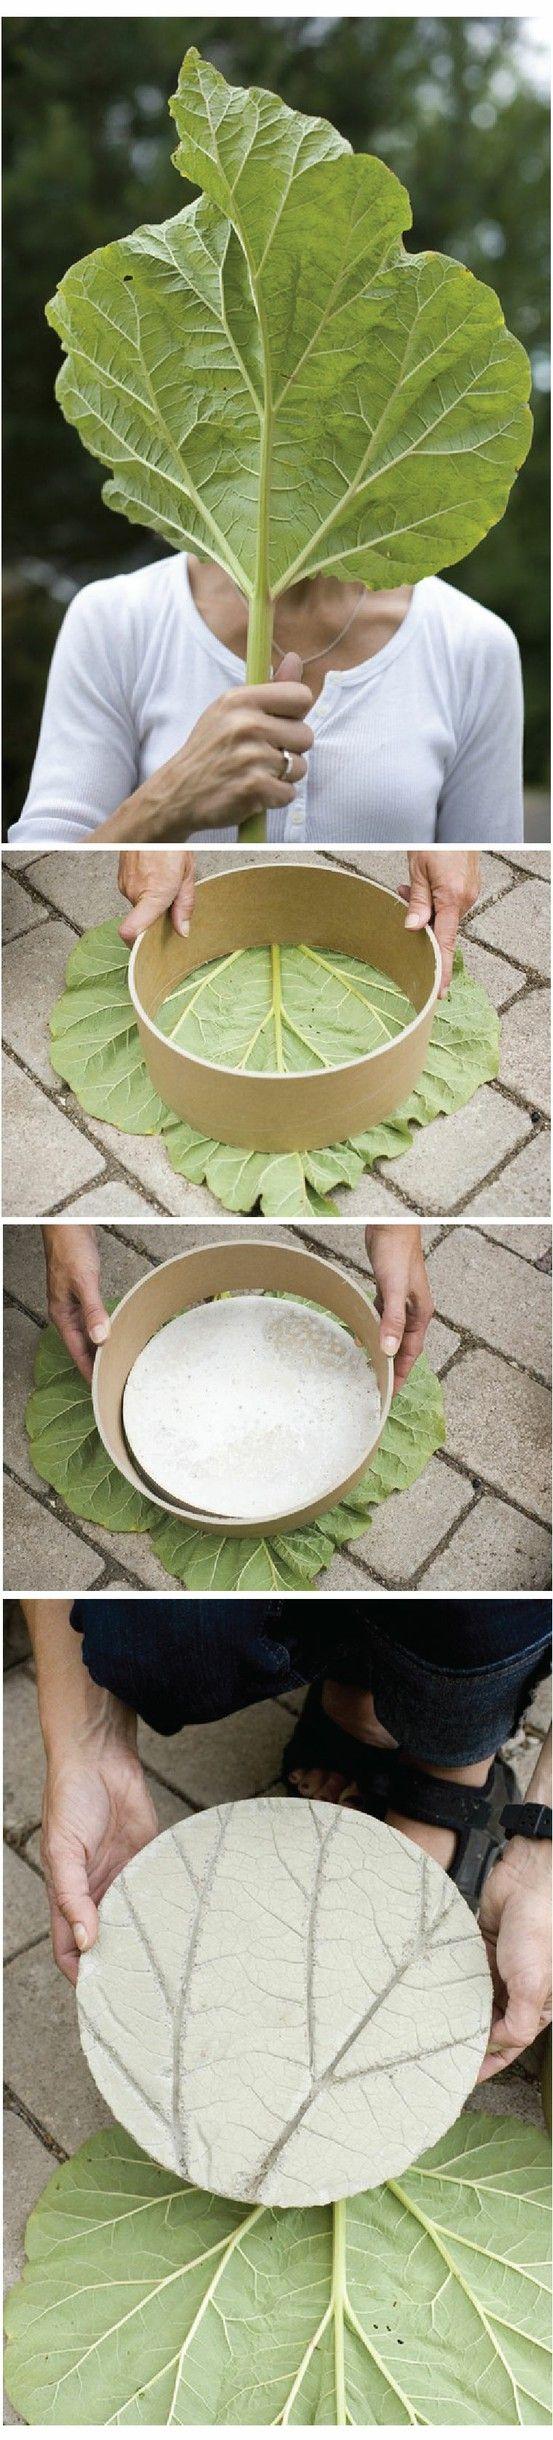 leaf garden stone | mi jardin | pinterest | garten deko, garten and